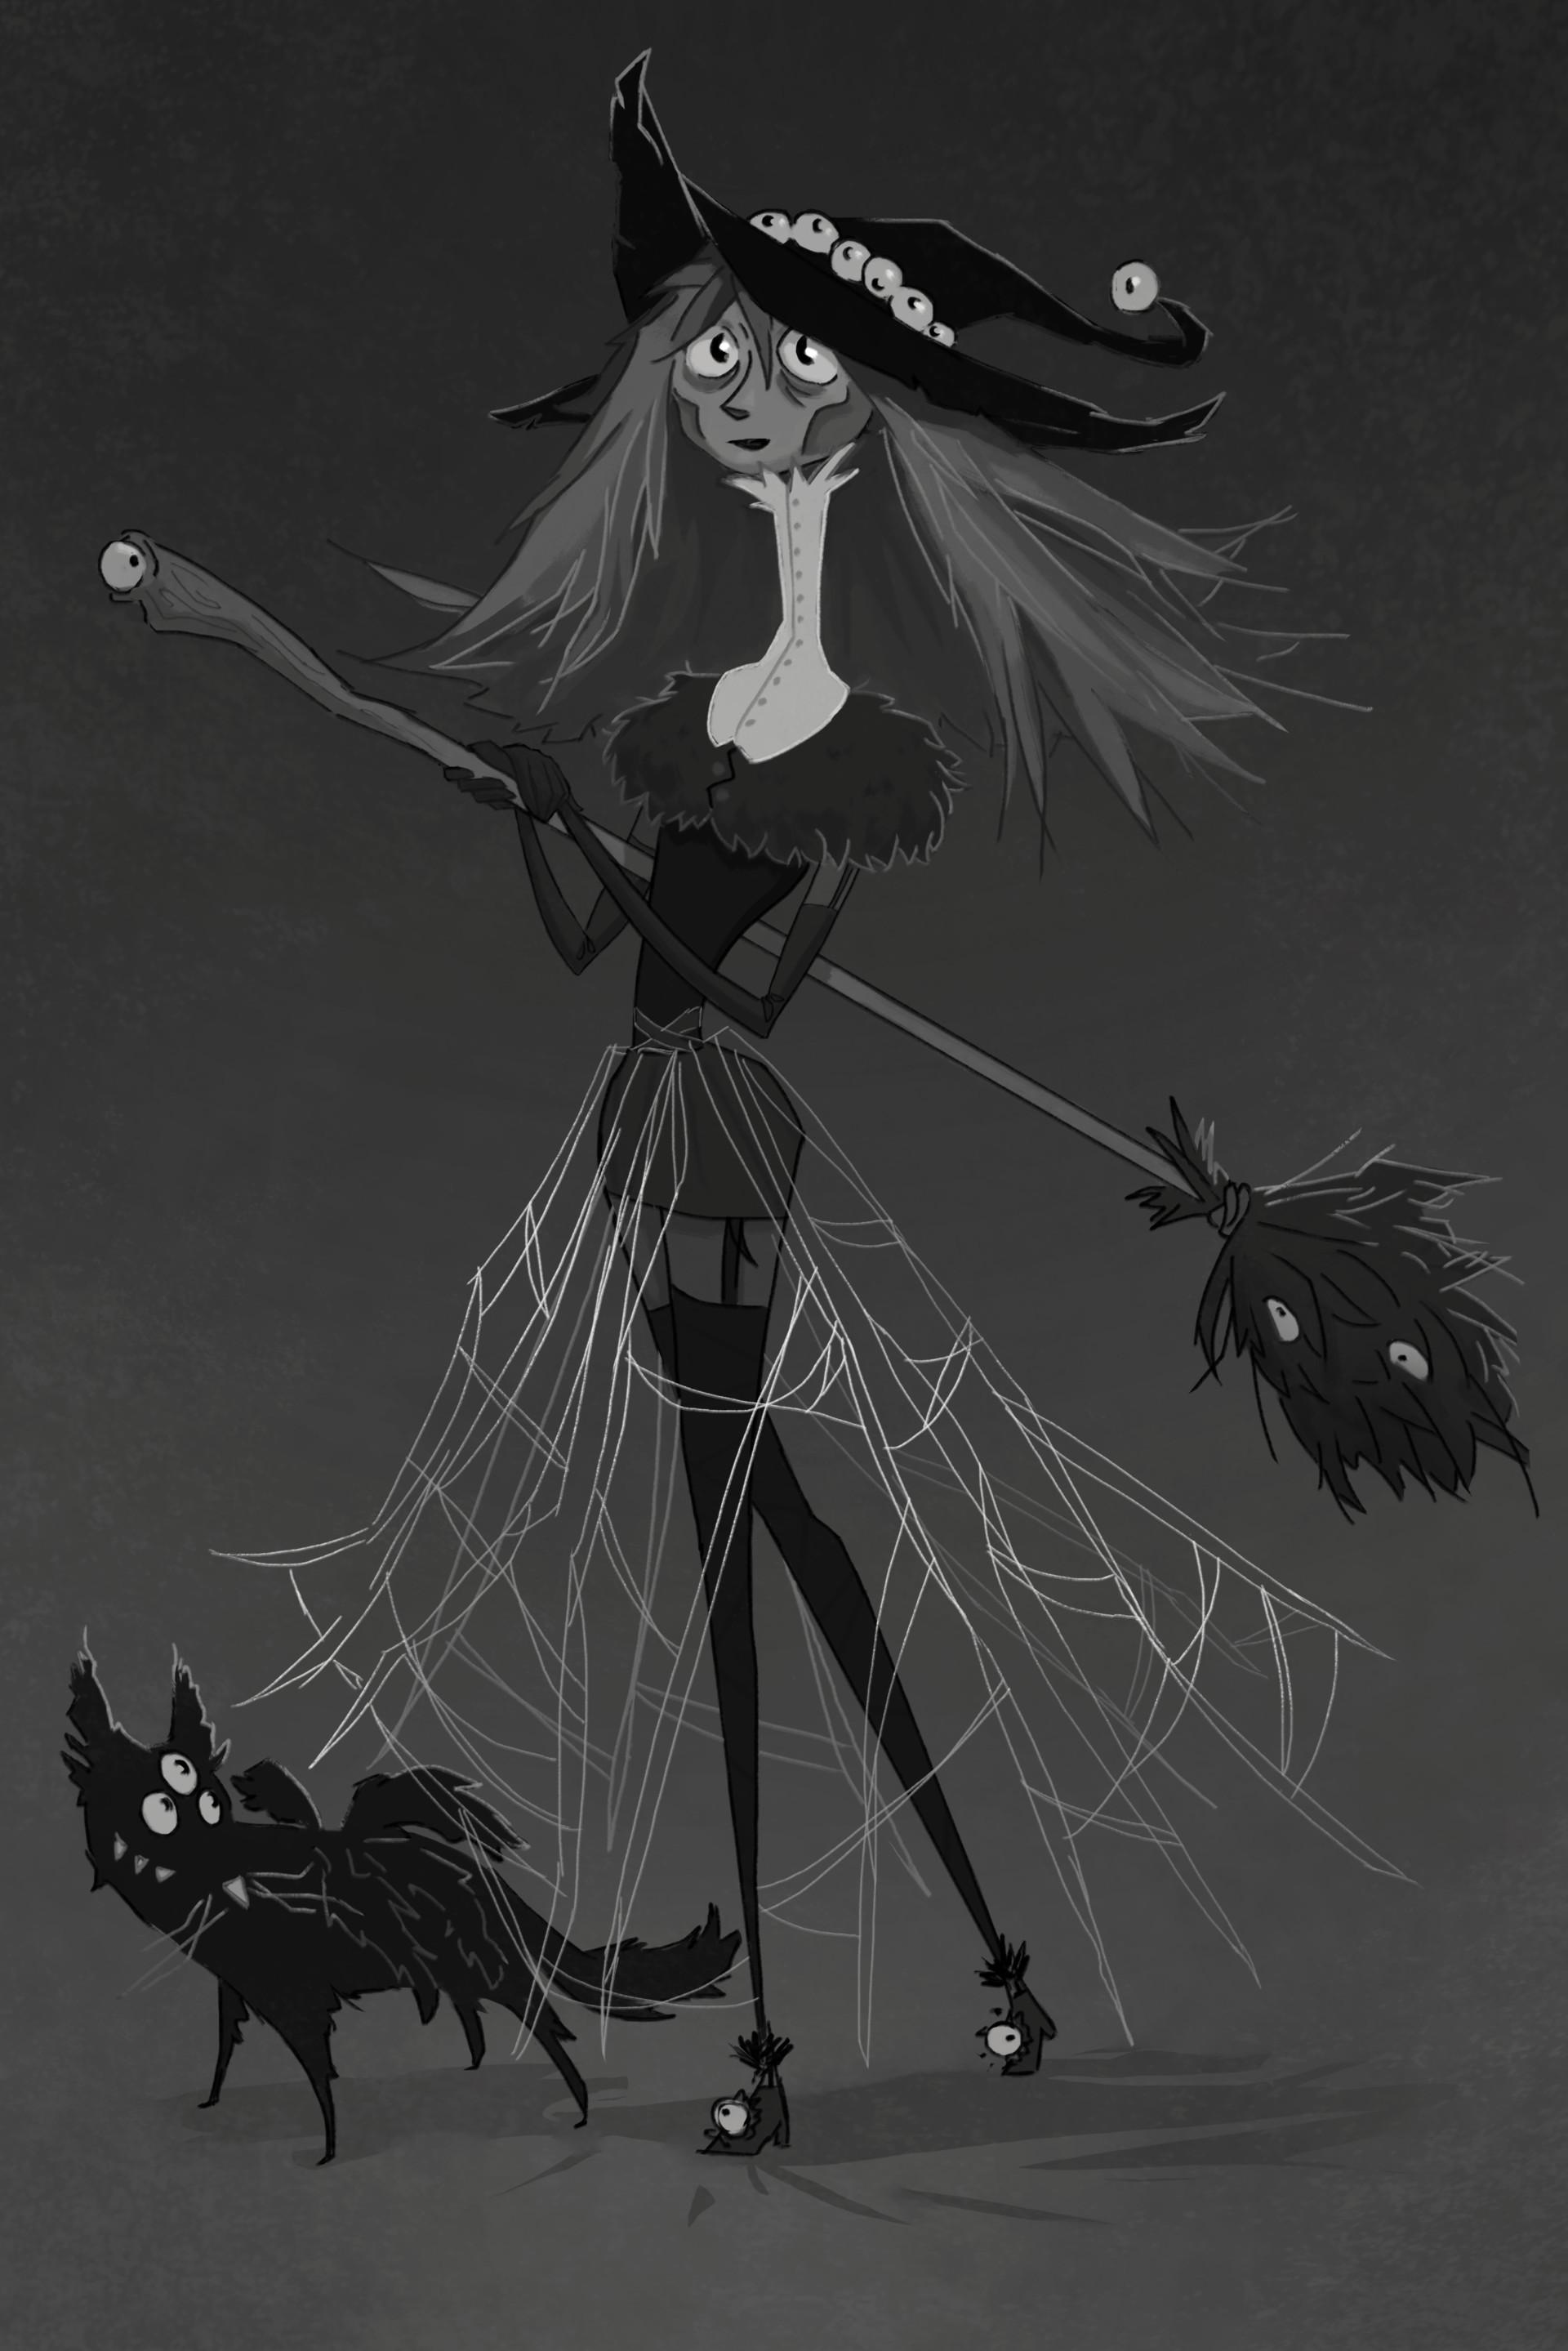 Vivien lulkowski finished anna arachnophobia